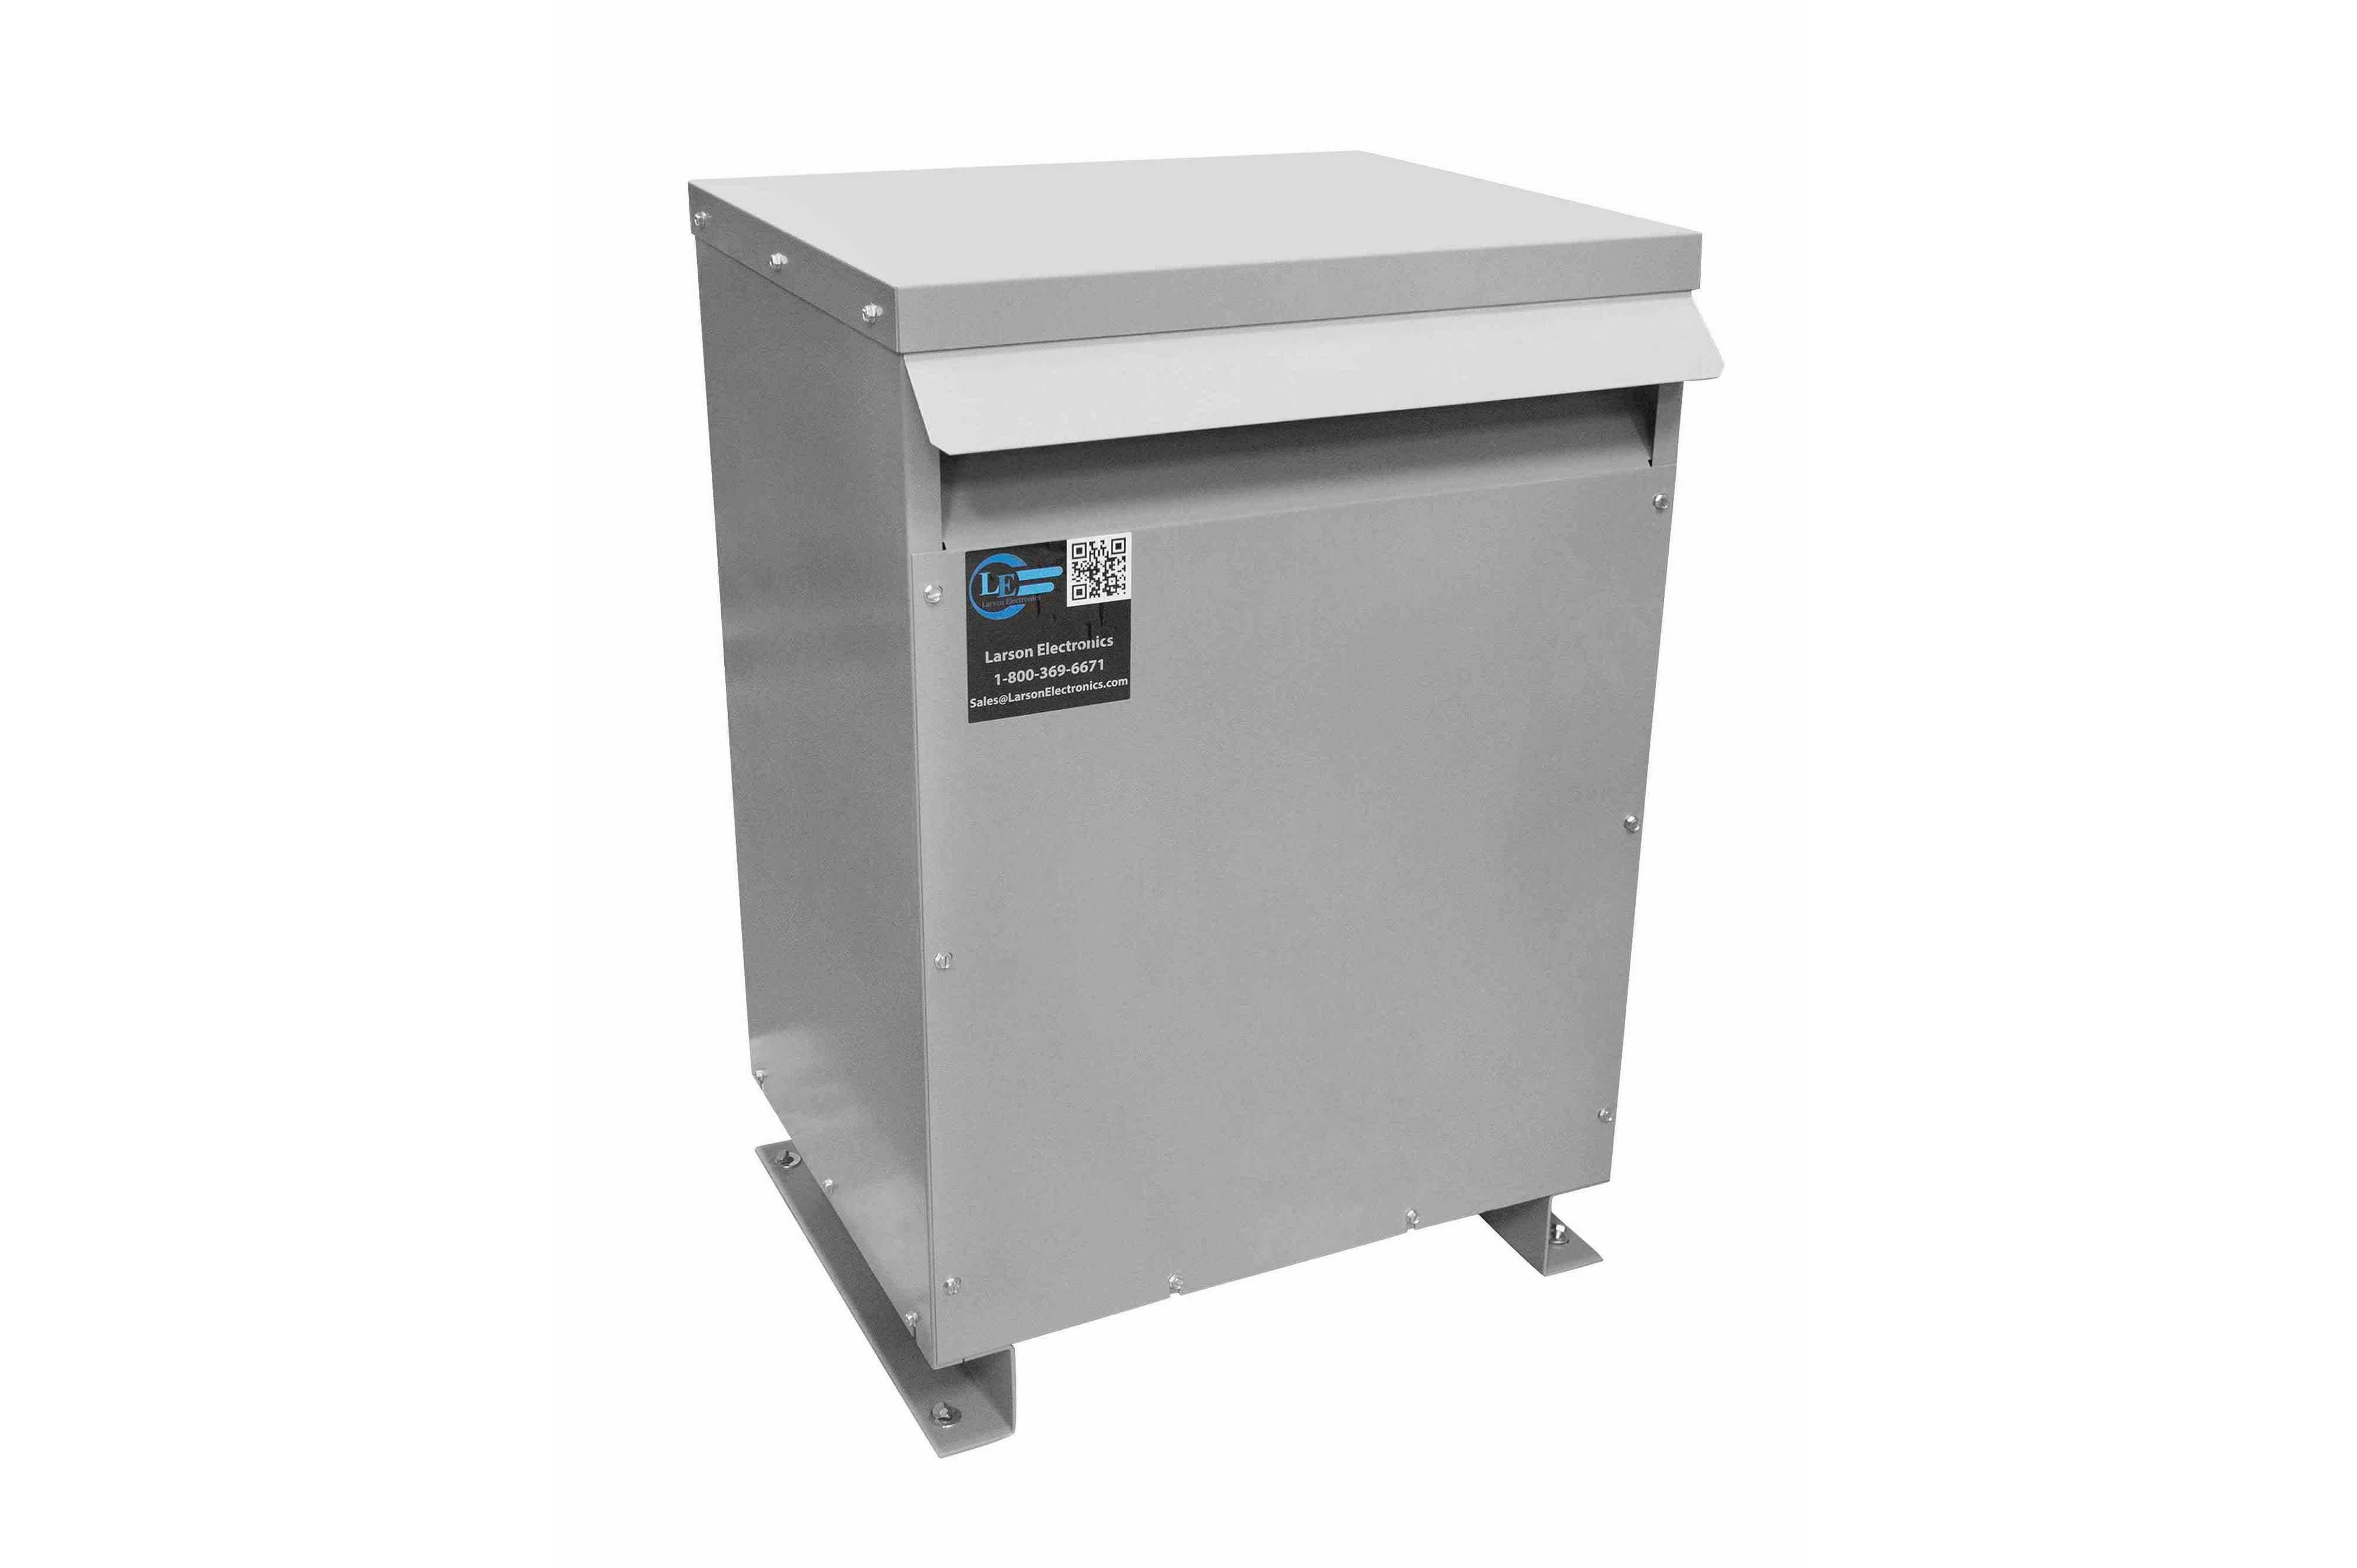 60 kVA 3PH Isolation Transformer, 220V Delta Primary, 480V Delta Secondary, N3R, Ventilated, 60 Hz